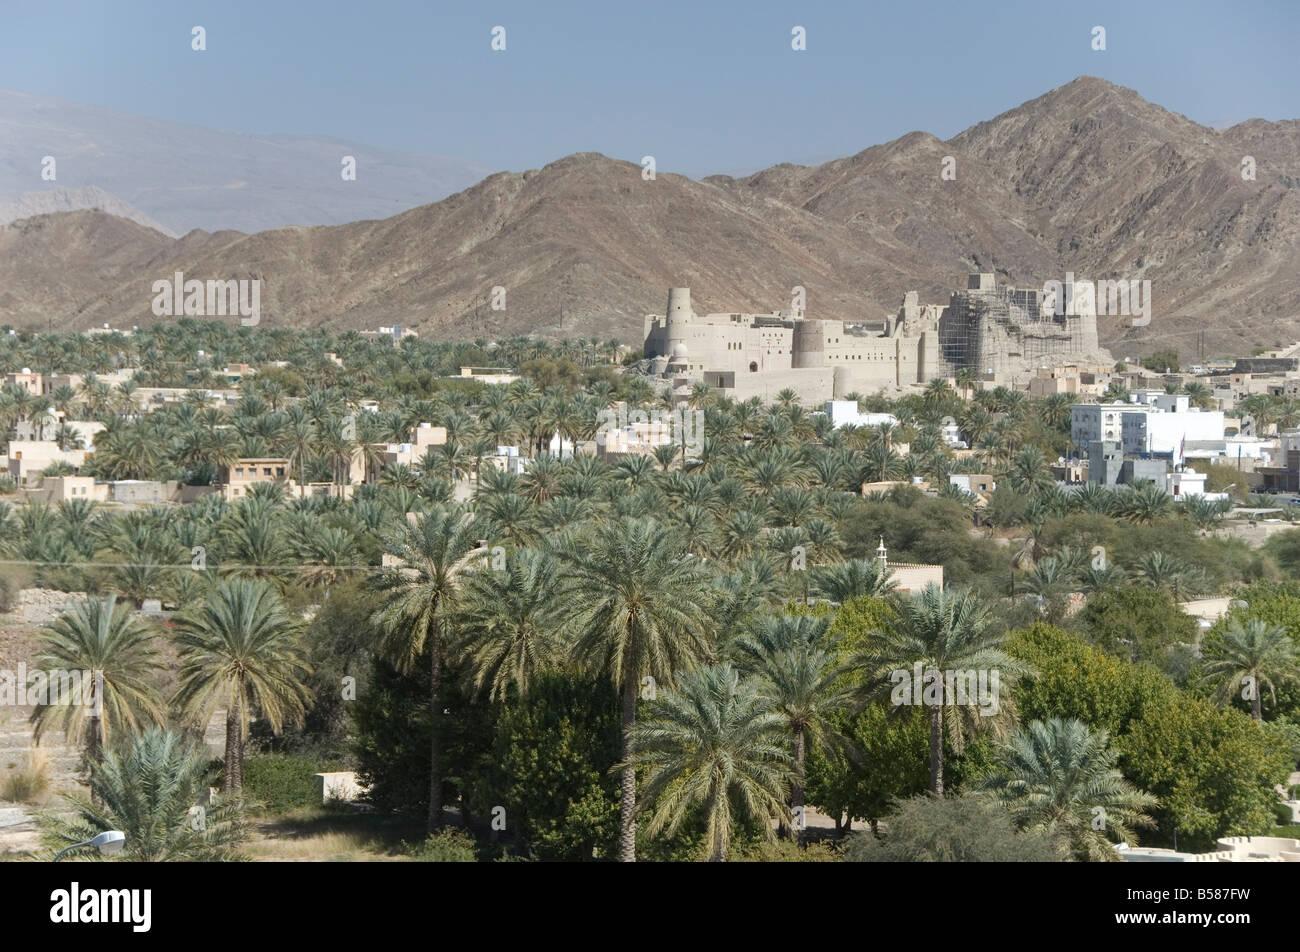 Fort in palmery sul bordo della moderna oasi cittadina, Bahla, Oman, Medio Oriente Immagini Stock